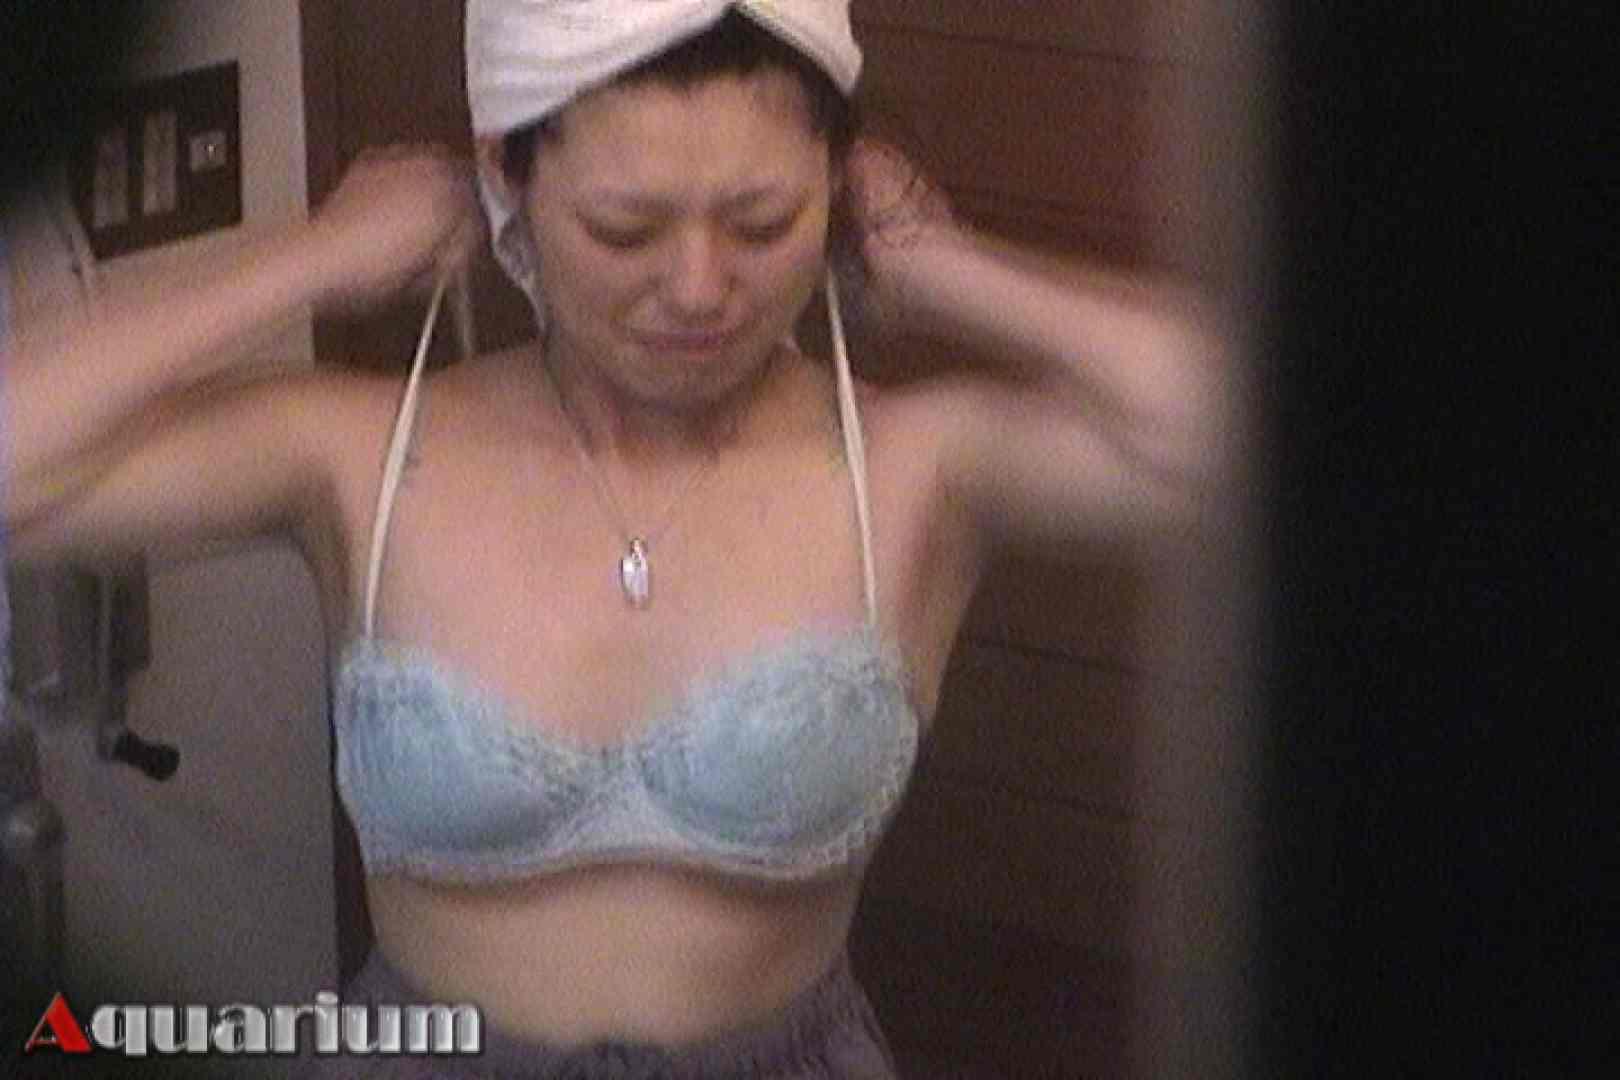 旅館脱衣所お着替え盗撮 Vol.01 盗撮  72PIX 6